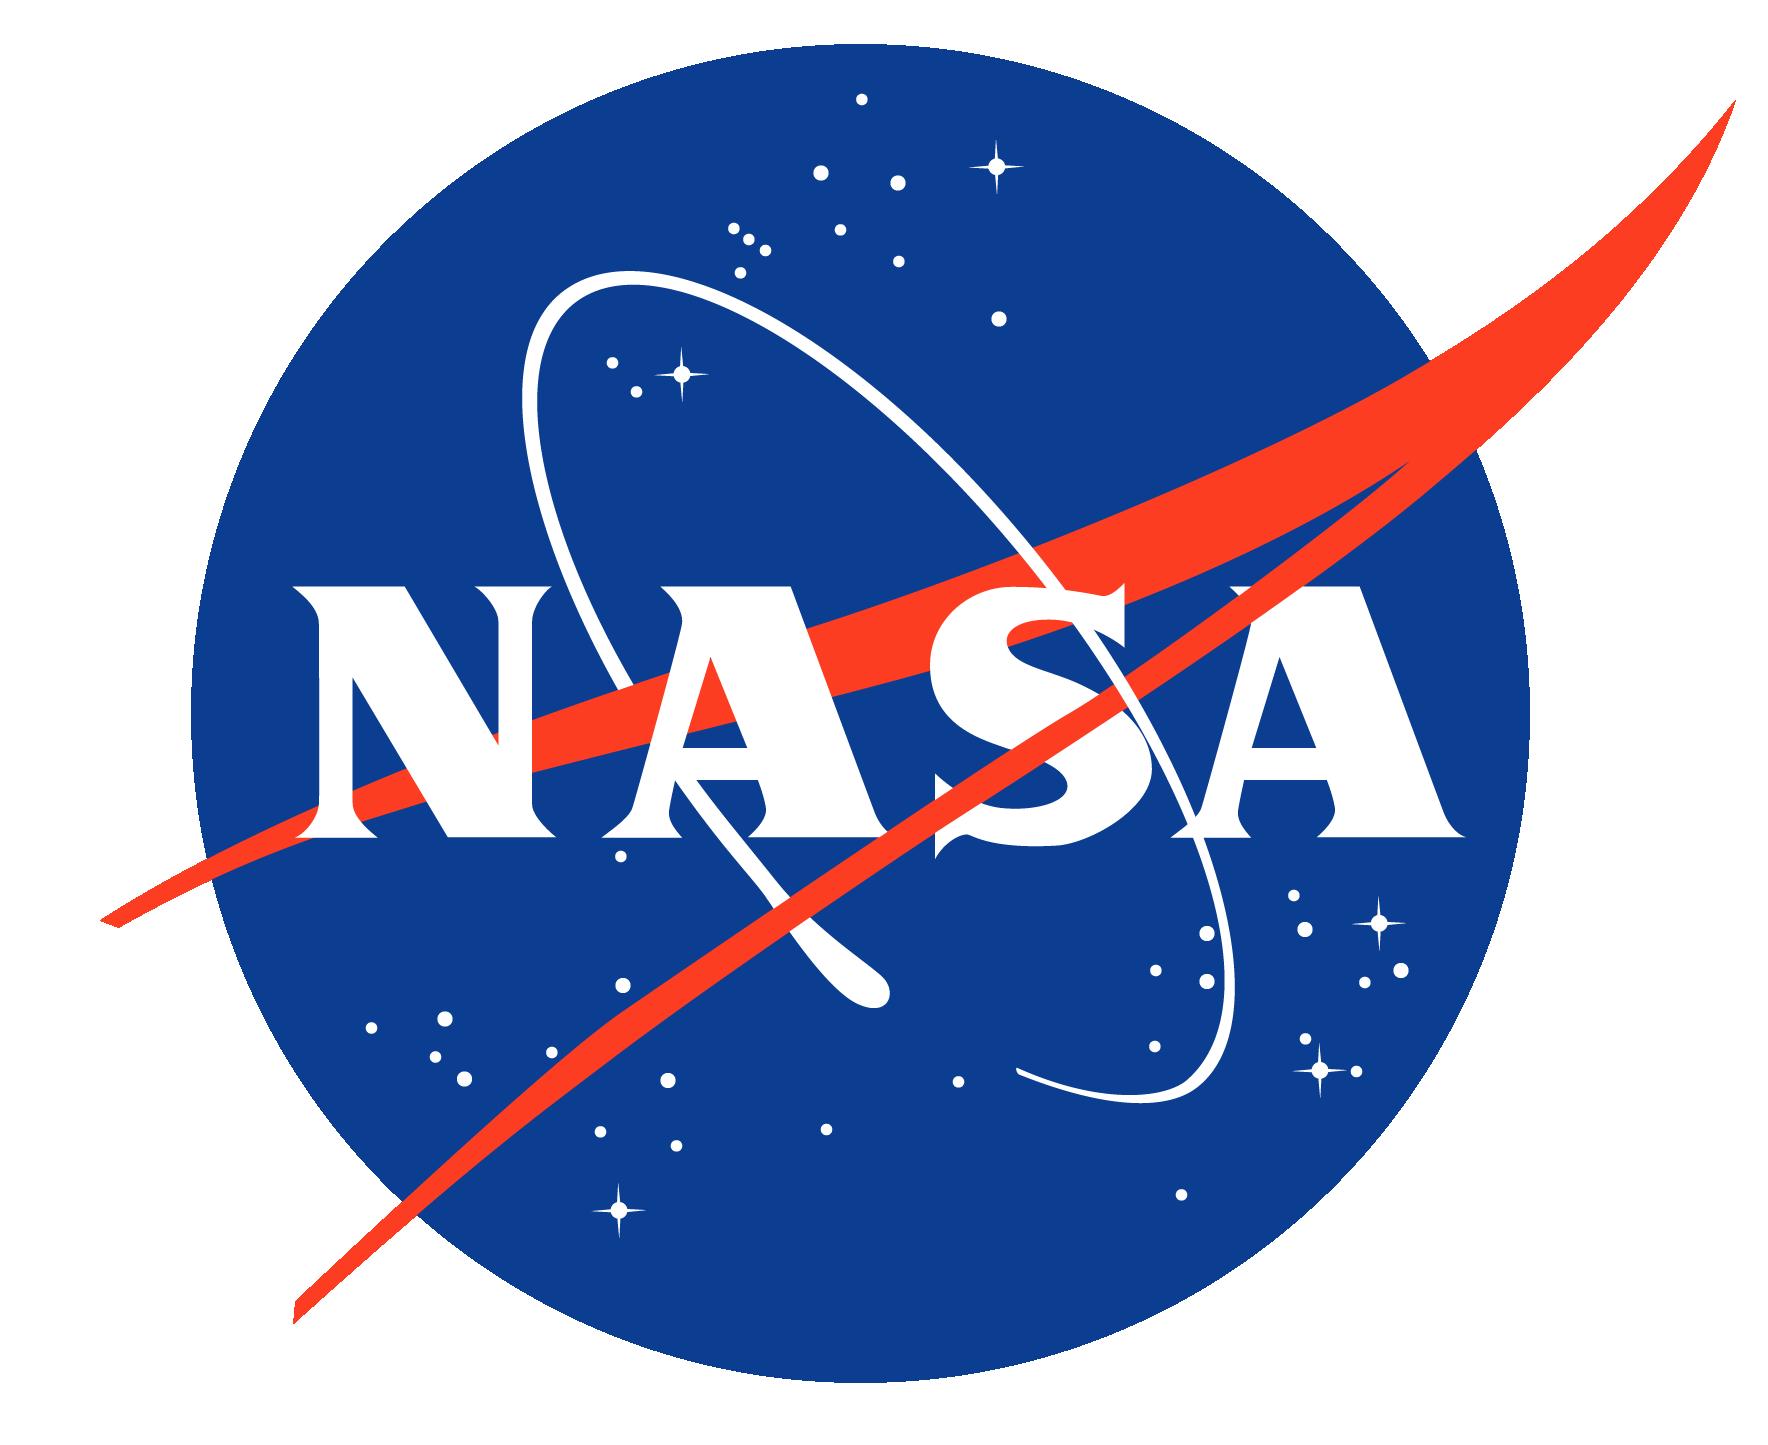 NASA logo seal